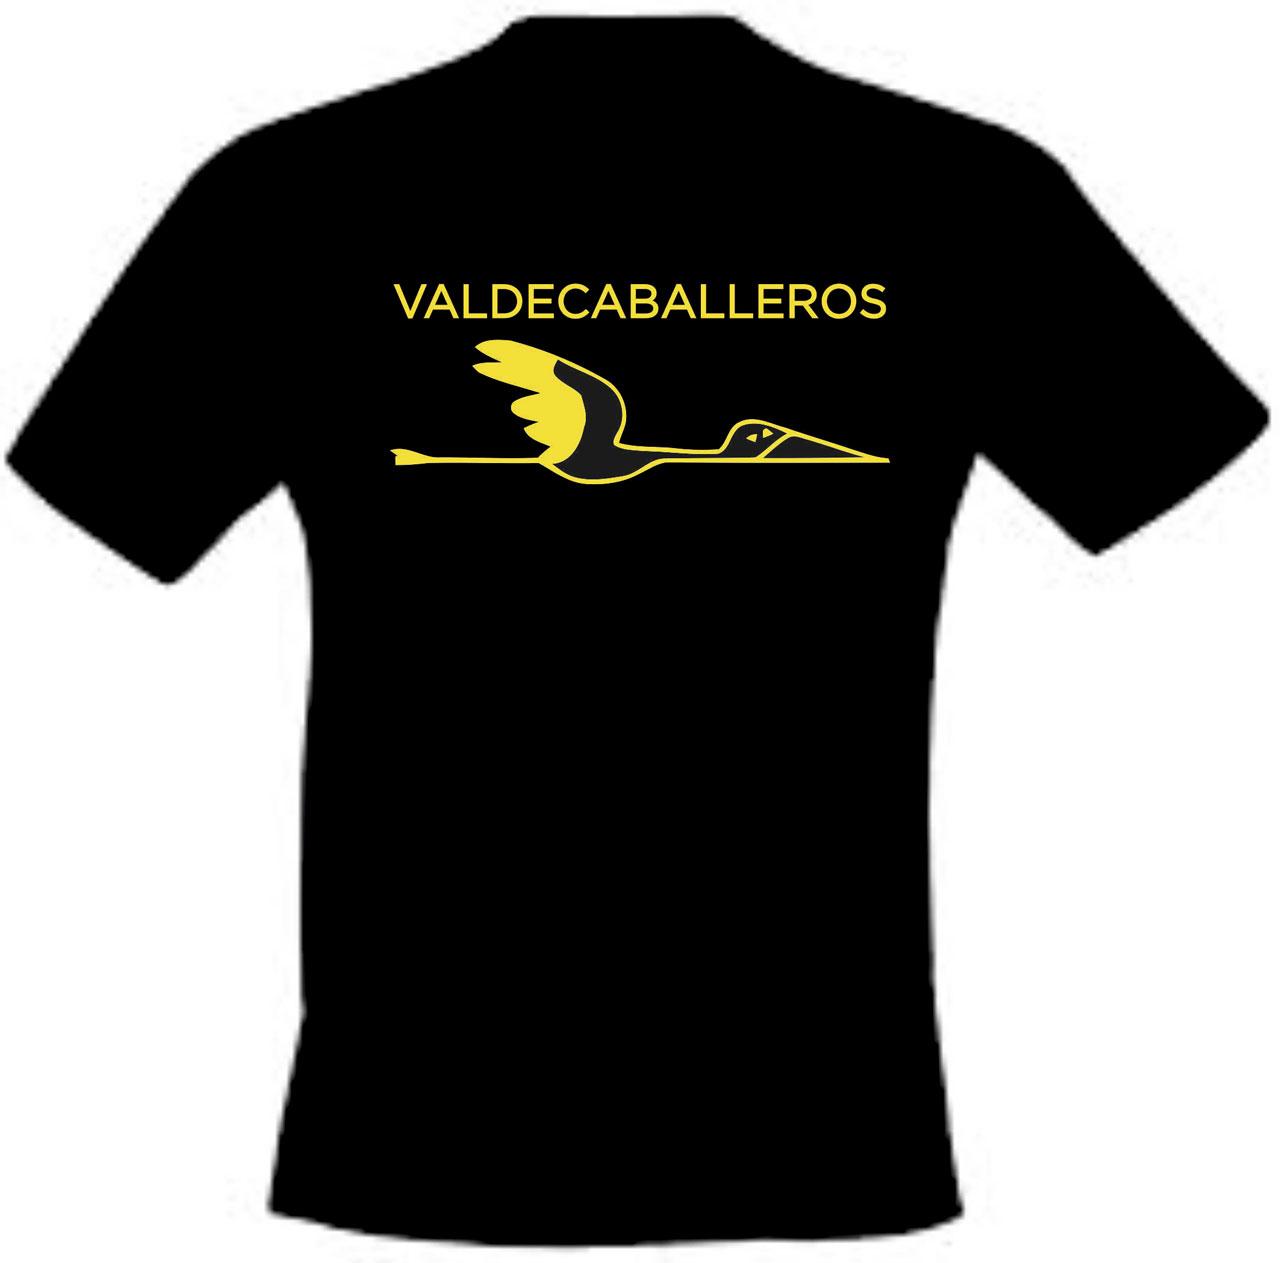 Valdecaballeros-(camiseta-2)